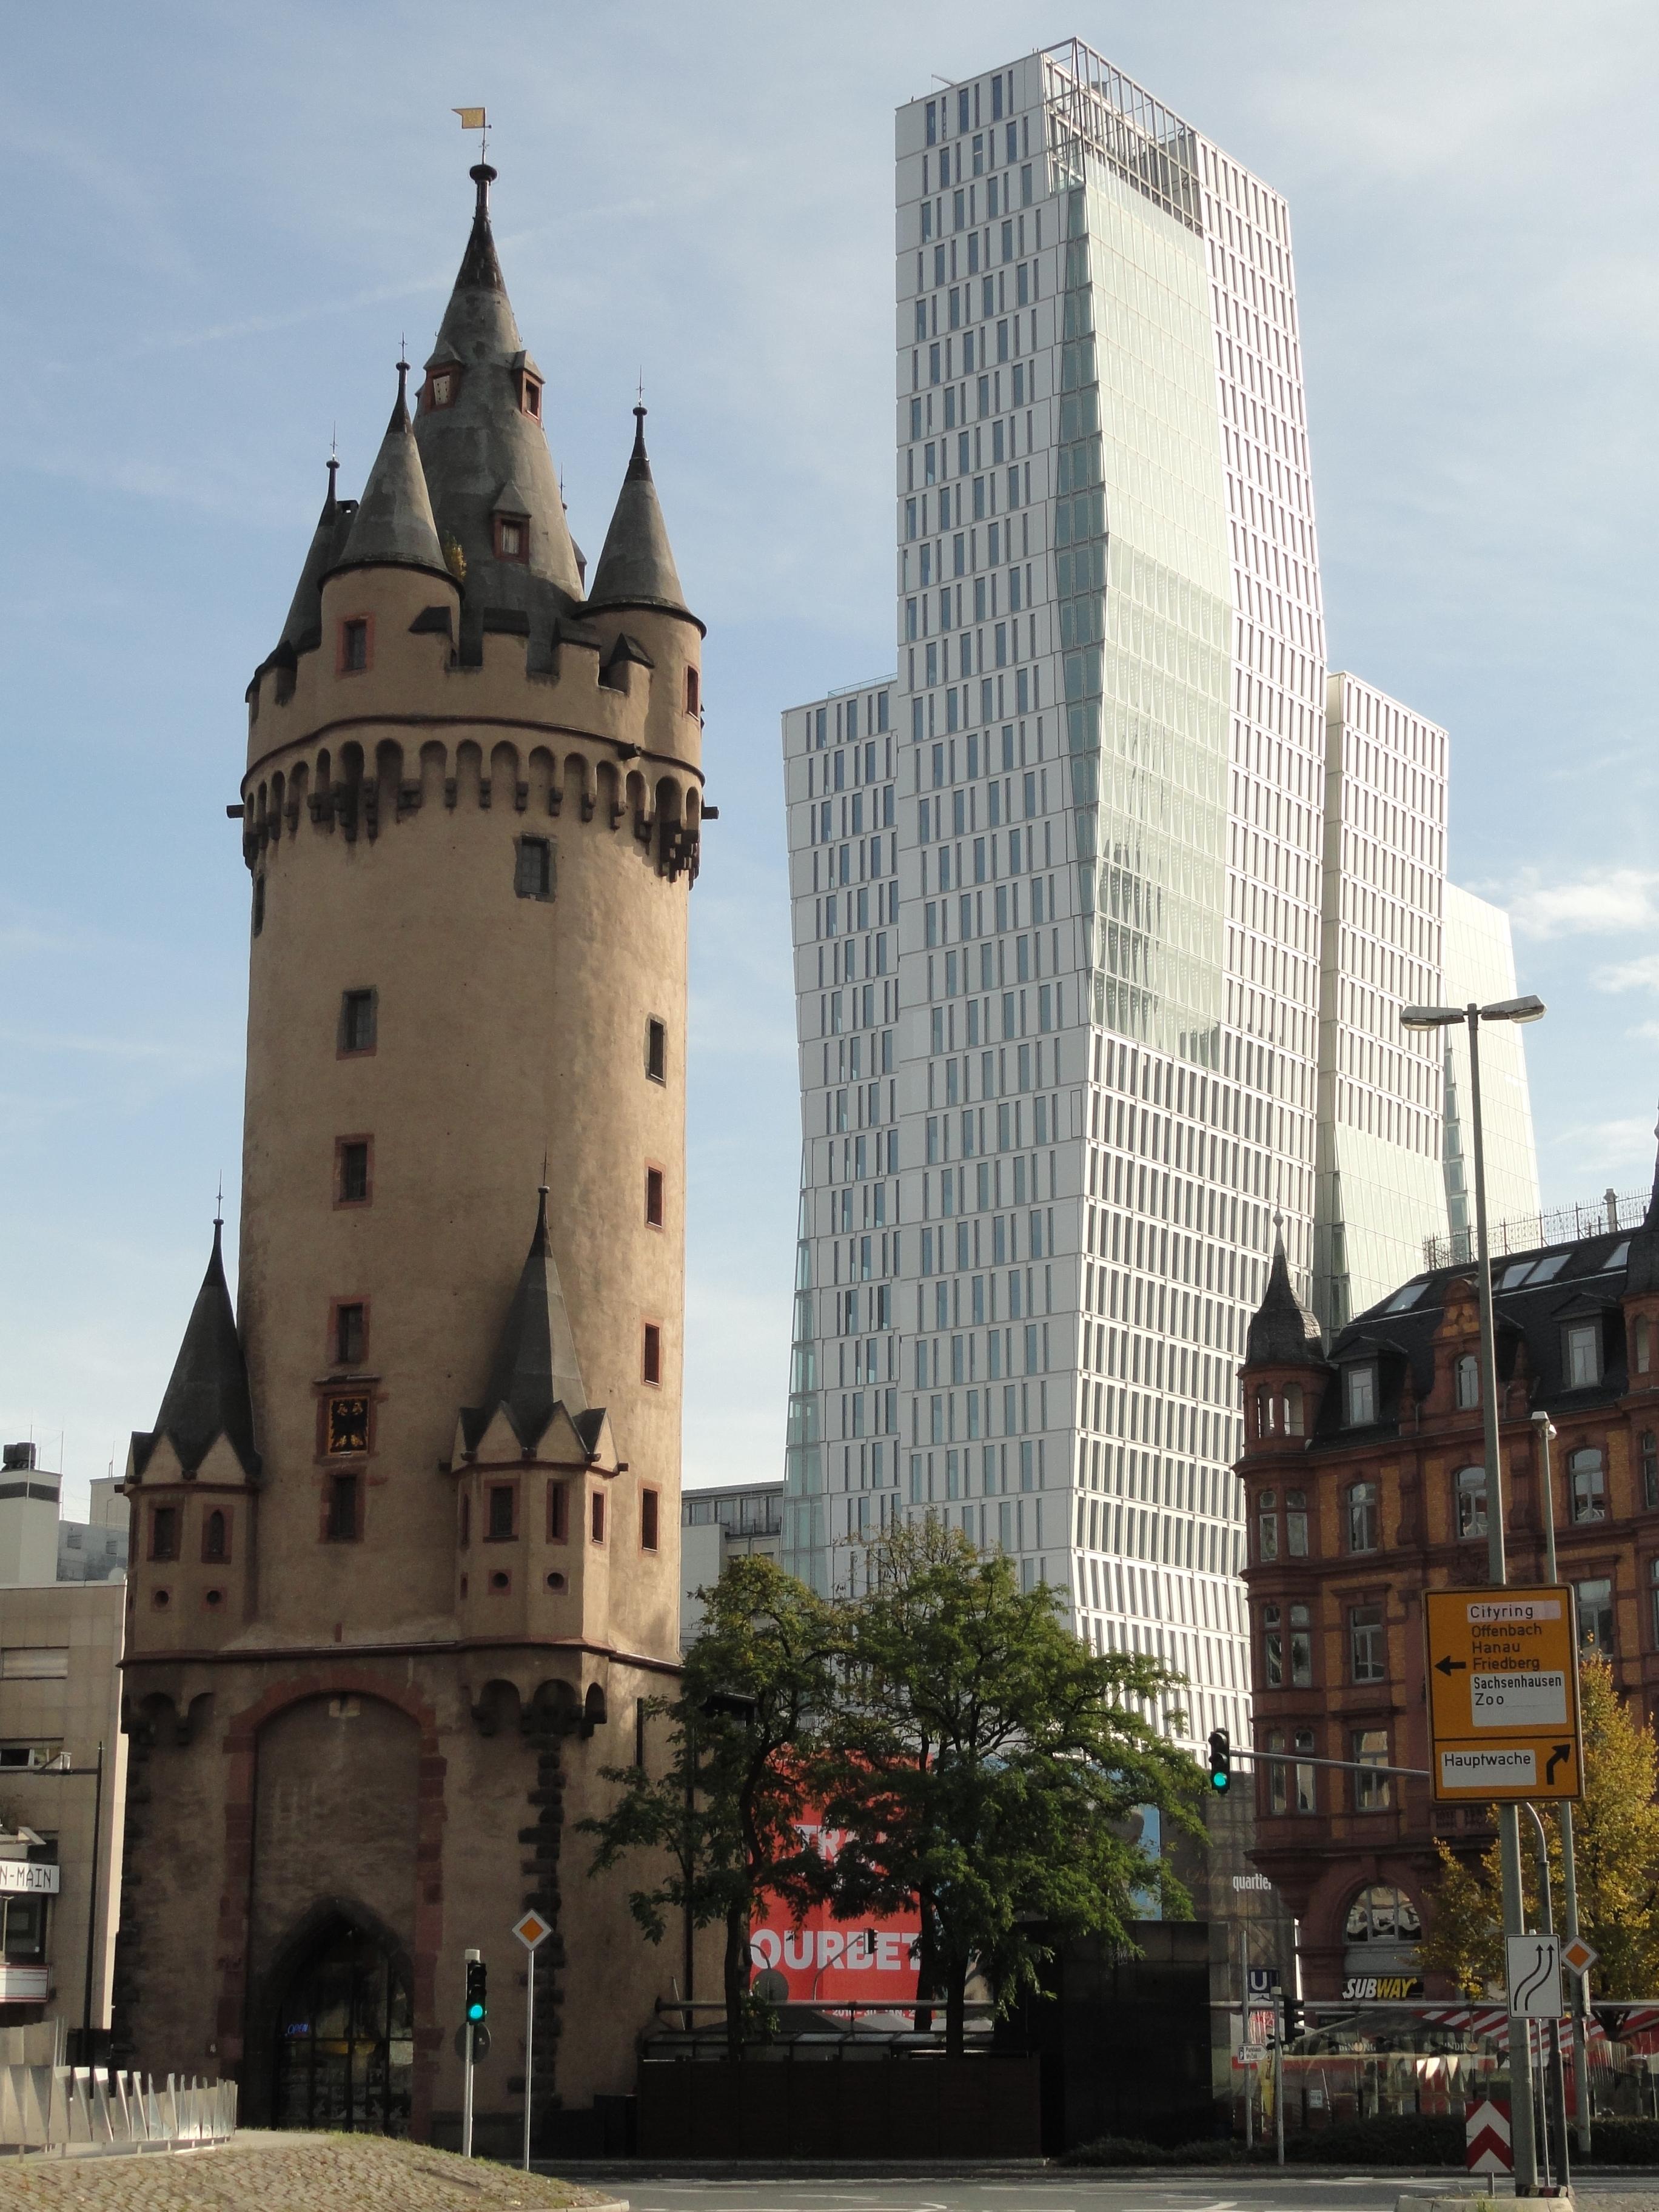 Eschenheimer Turm und Palais Quartier in Frankfurt am Main